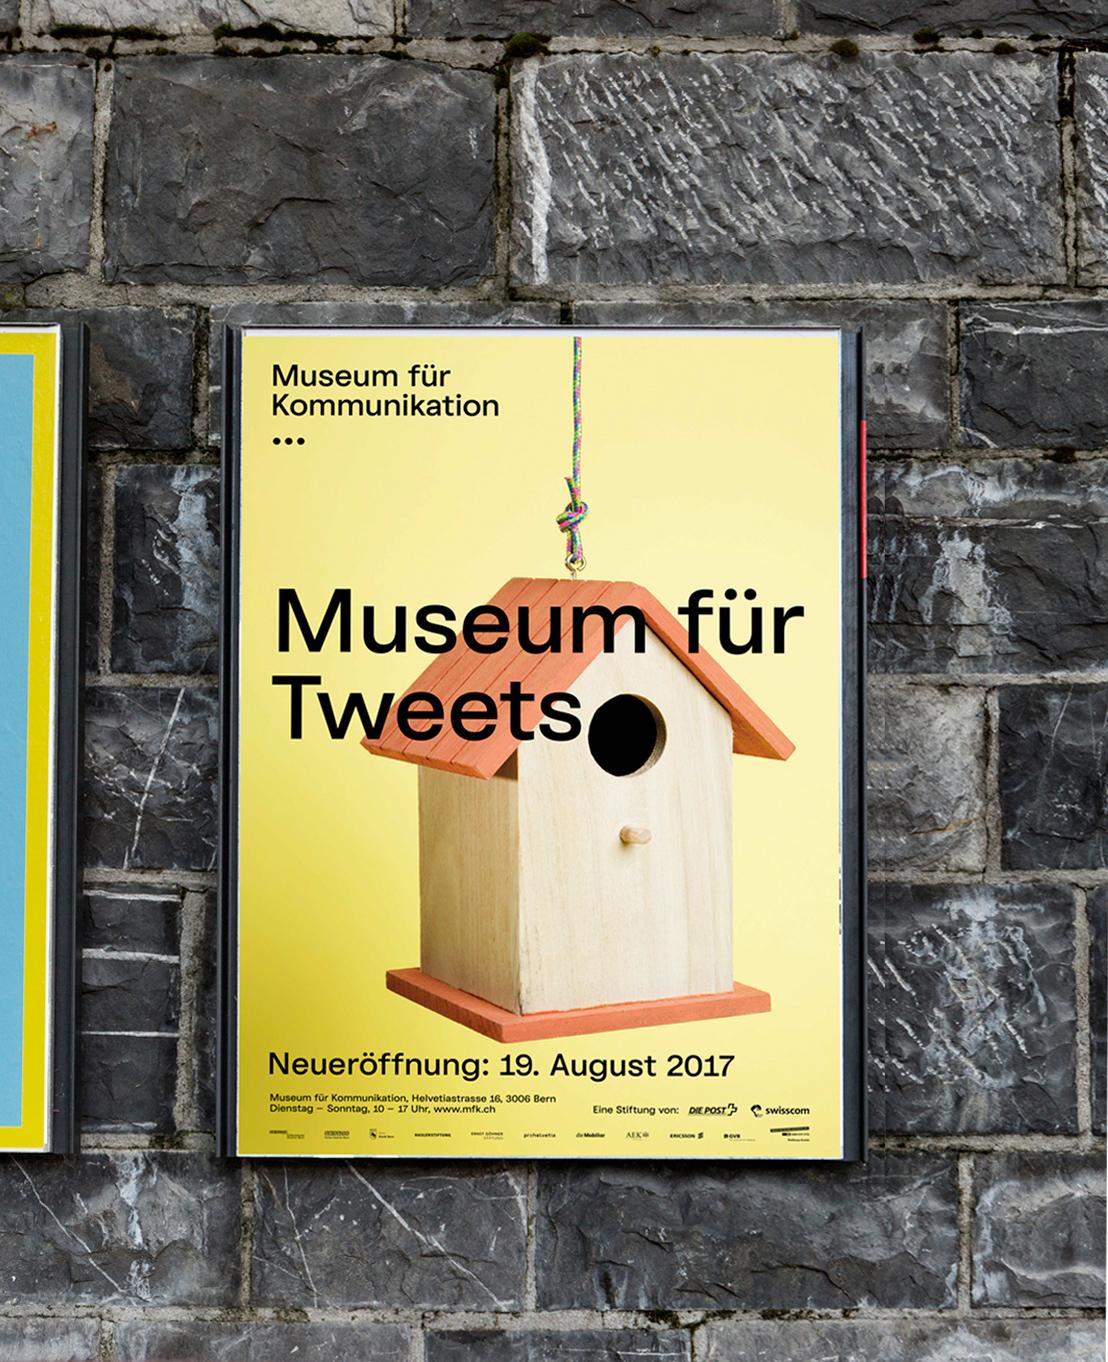 Artdirection Grafikdesign Kampagne Museum für Kommunikation Bern